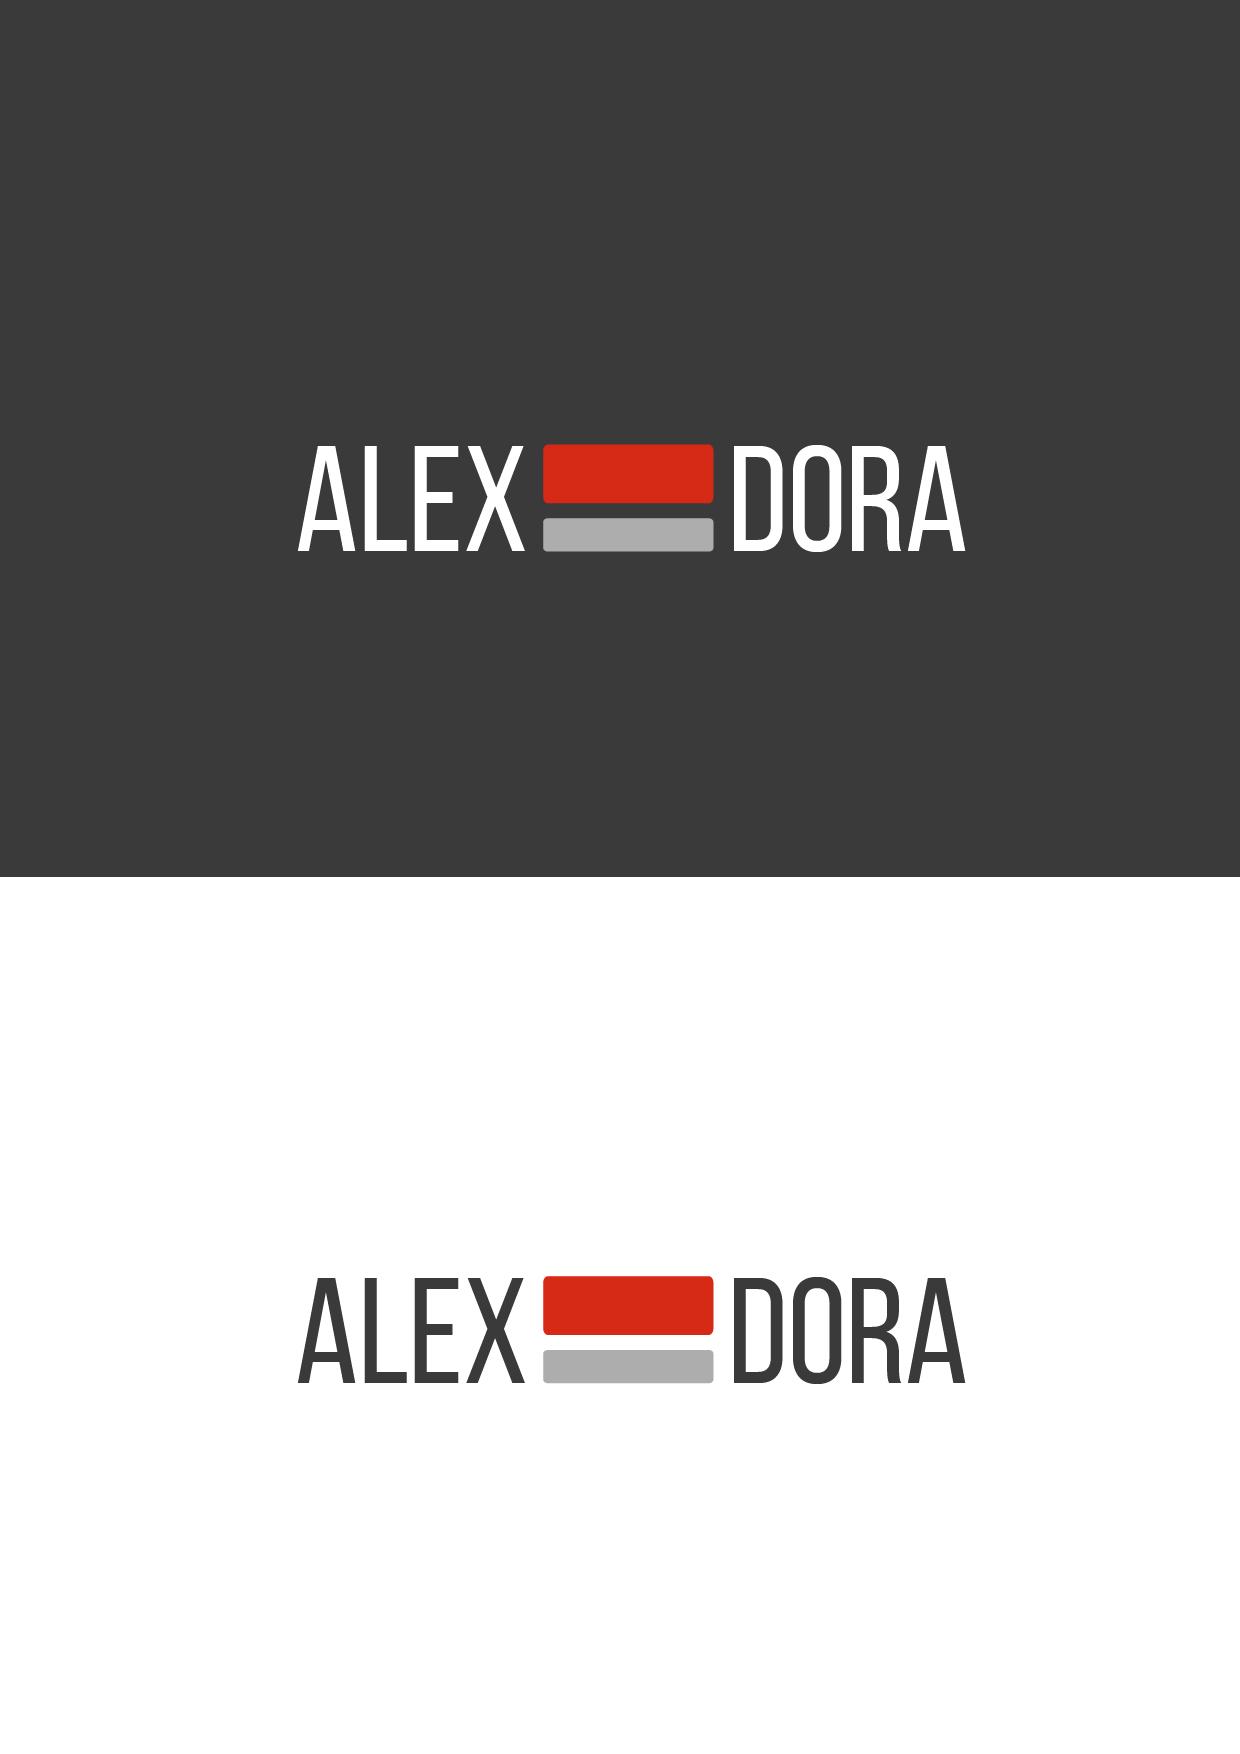 Необходим дизайнер для доработки логотипа бренда одежды фото f_2145b366de20fb1a.jpg